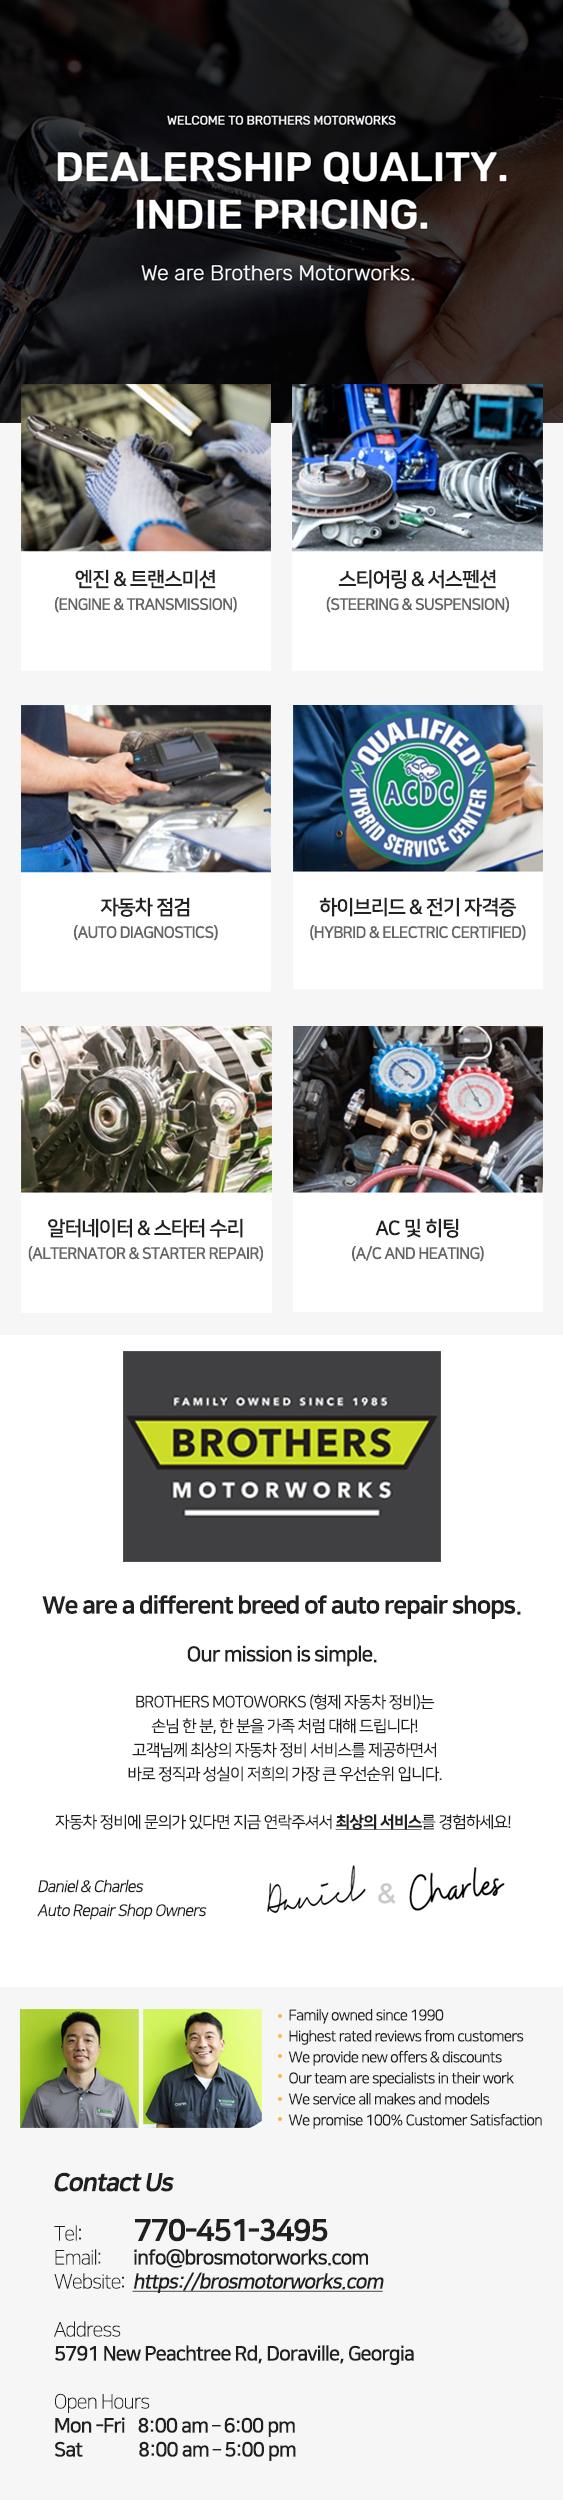 형제 자동차 정비 | 아틀란타 자동차정비, 도라빌 자동차정비, 챔블리 자동차정비